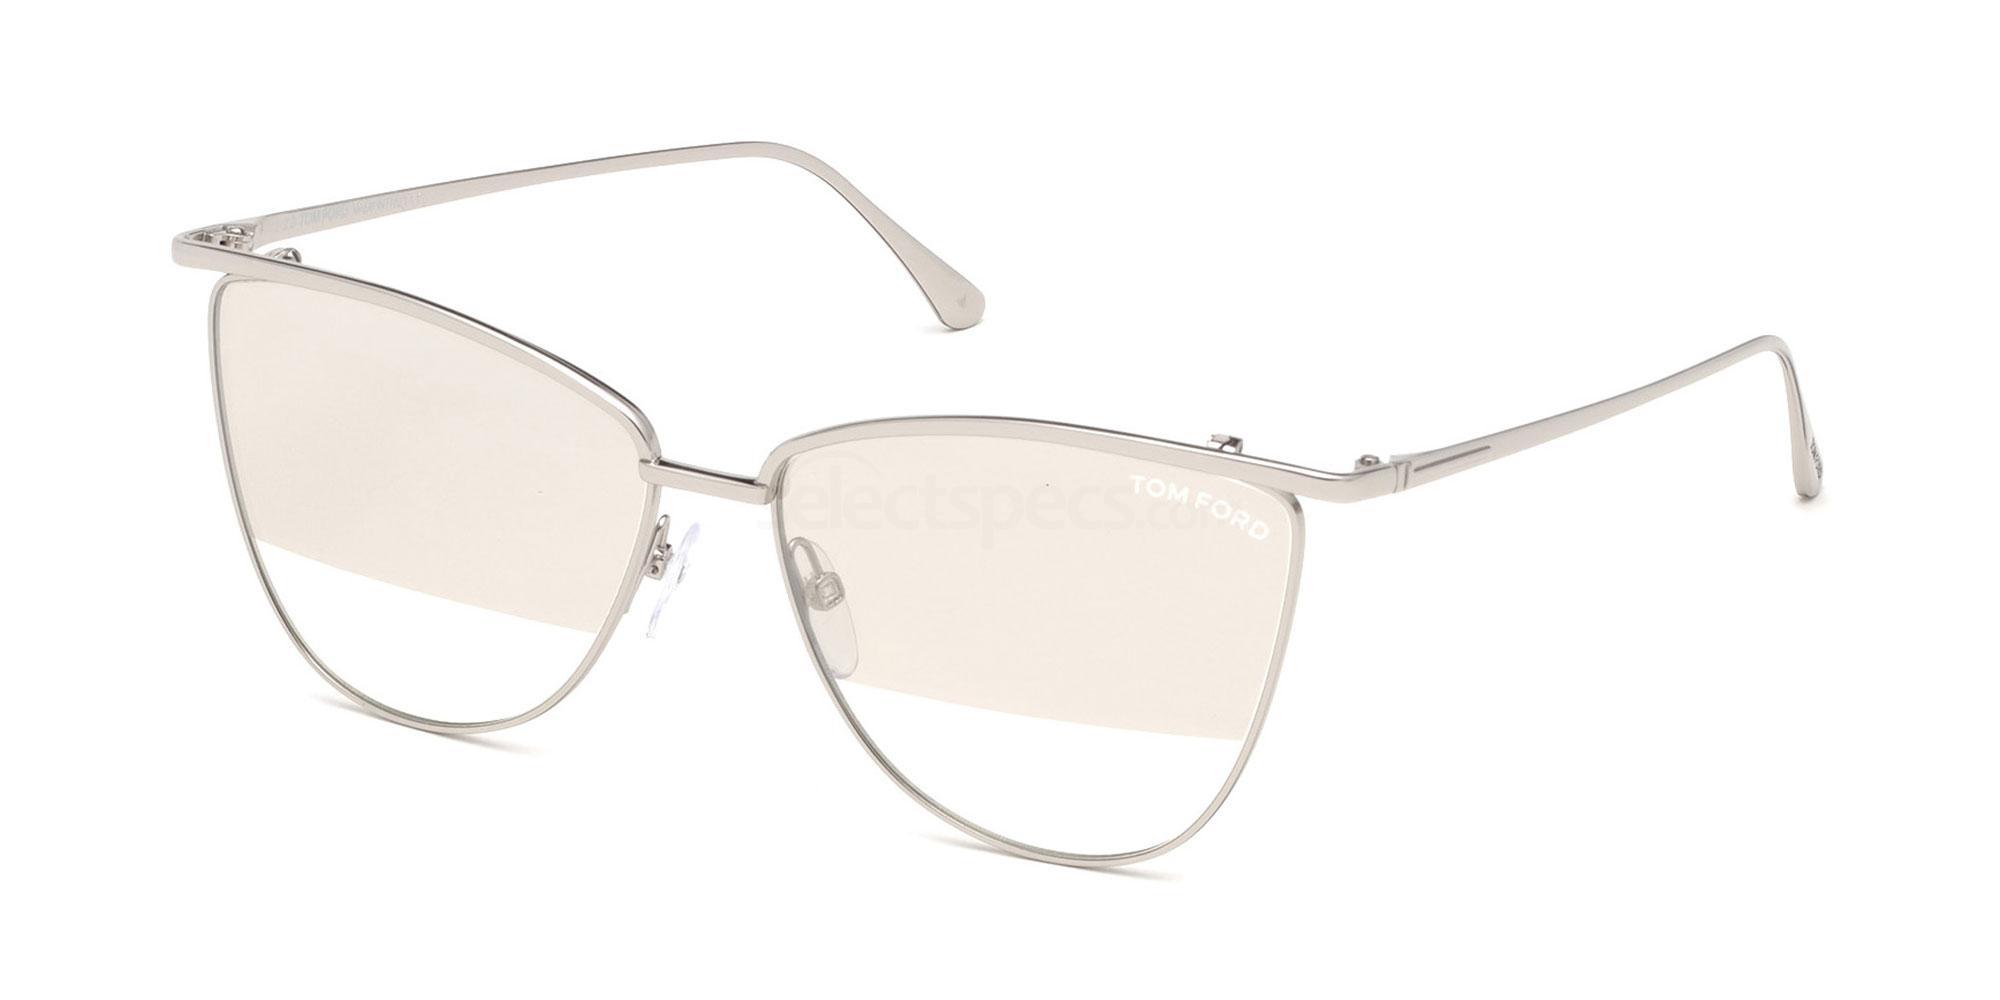 16B FT0684 Sunglasses, Tom Ford